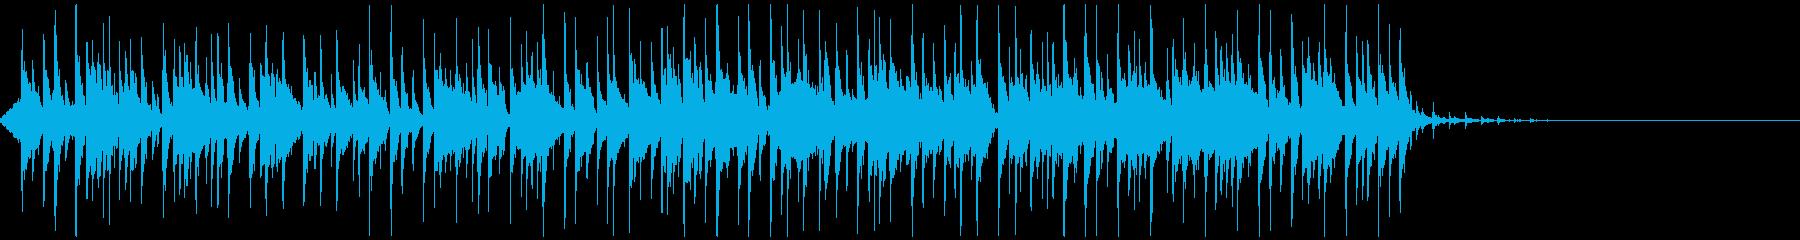 ダンディー口笛ダンス ハウス調 CM動画の再生済みの波形